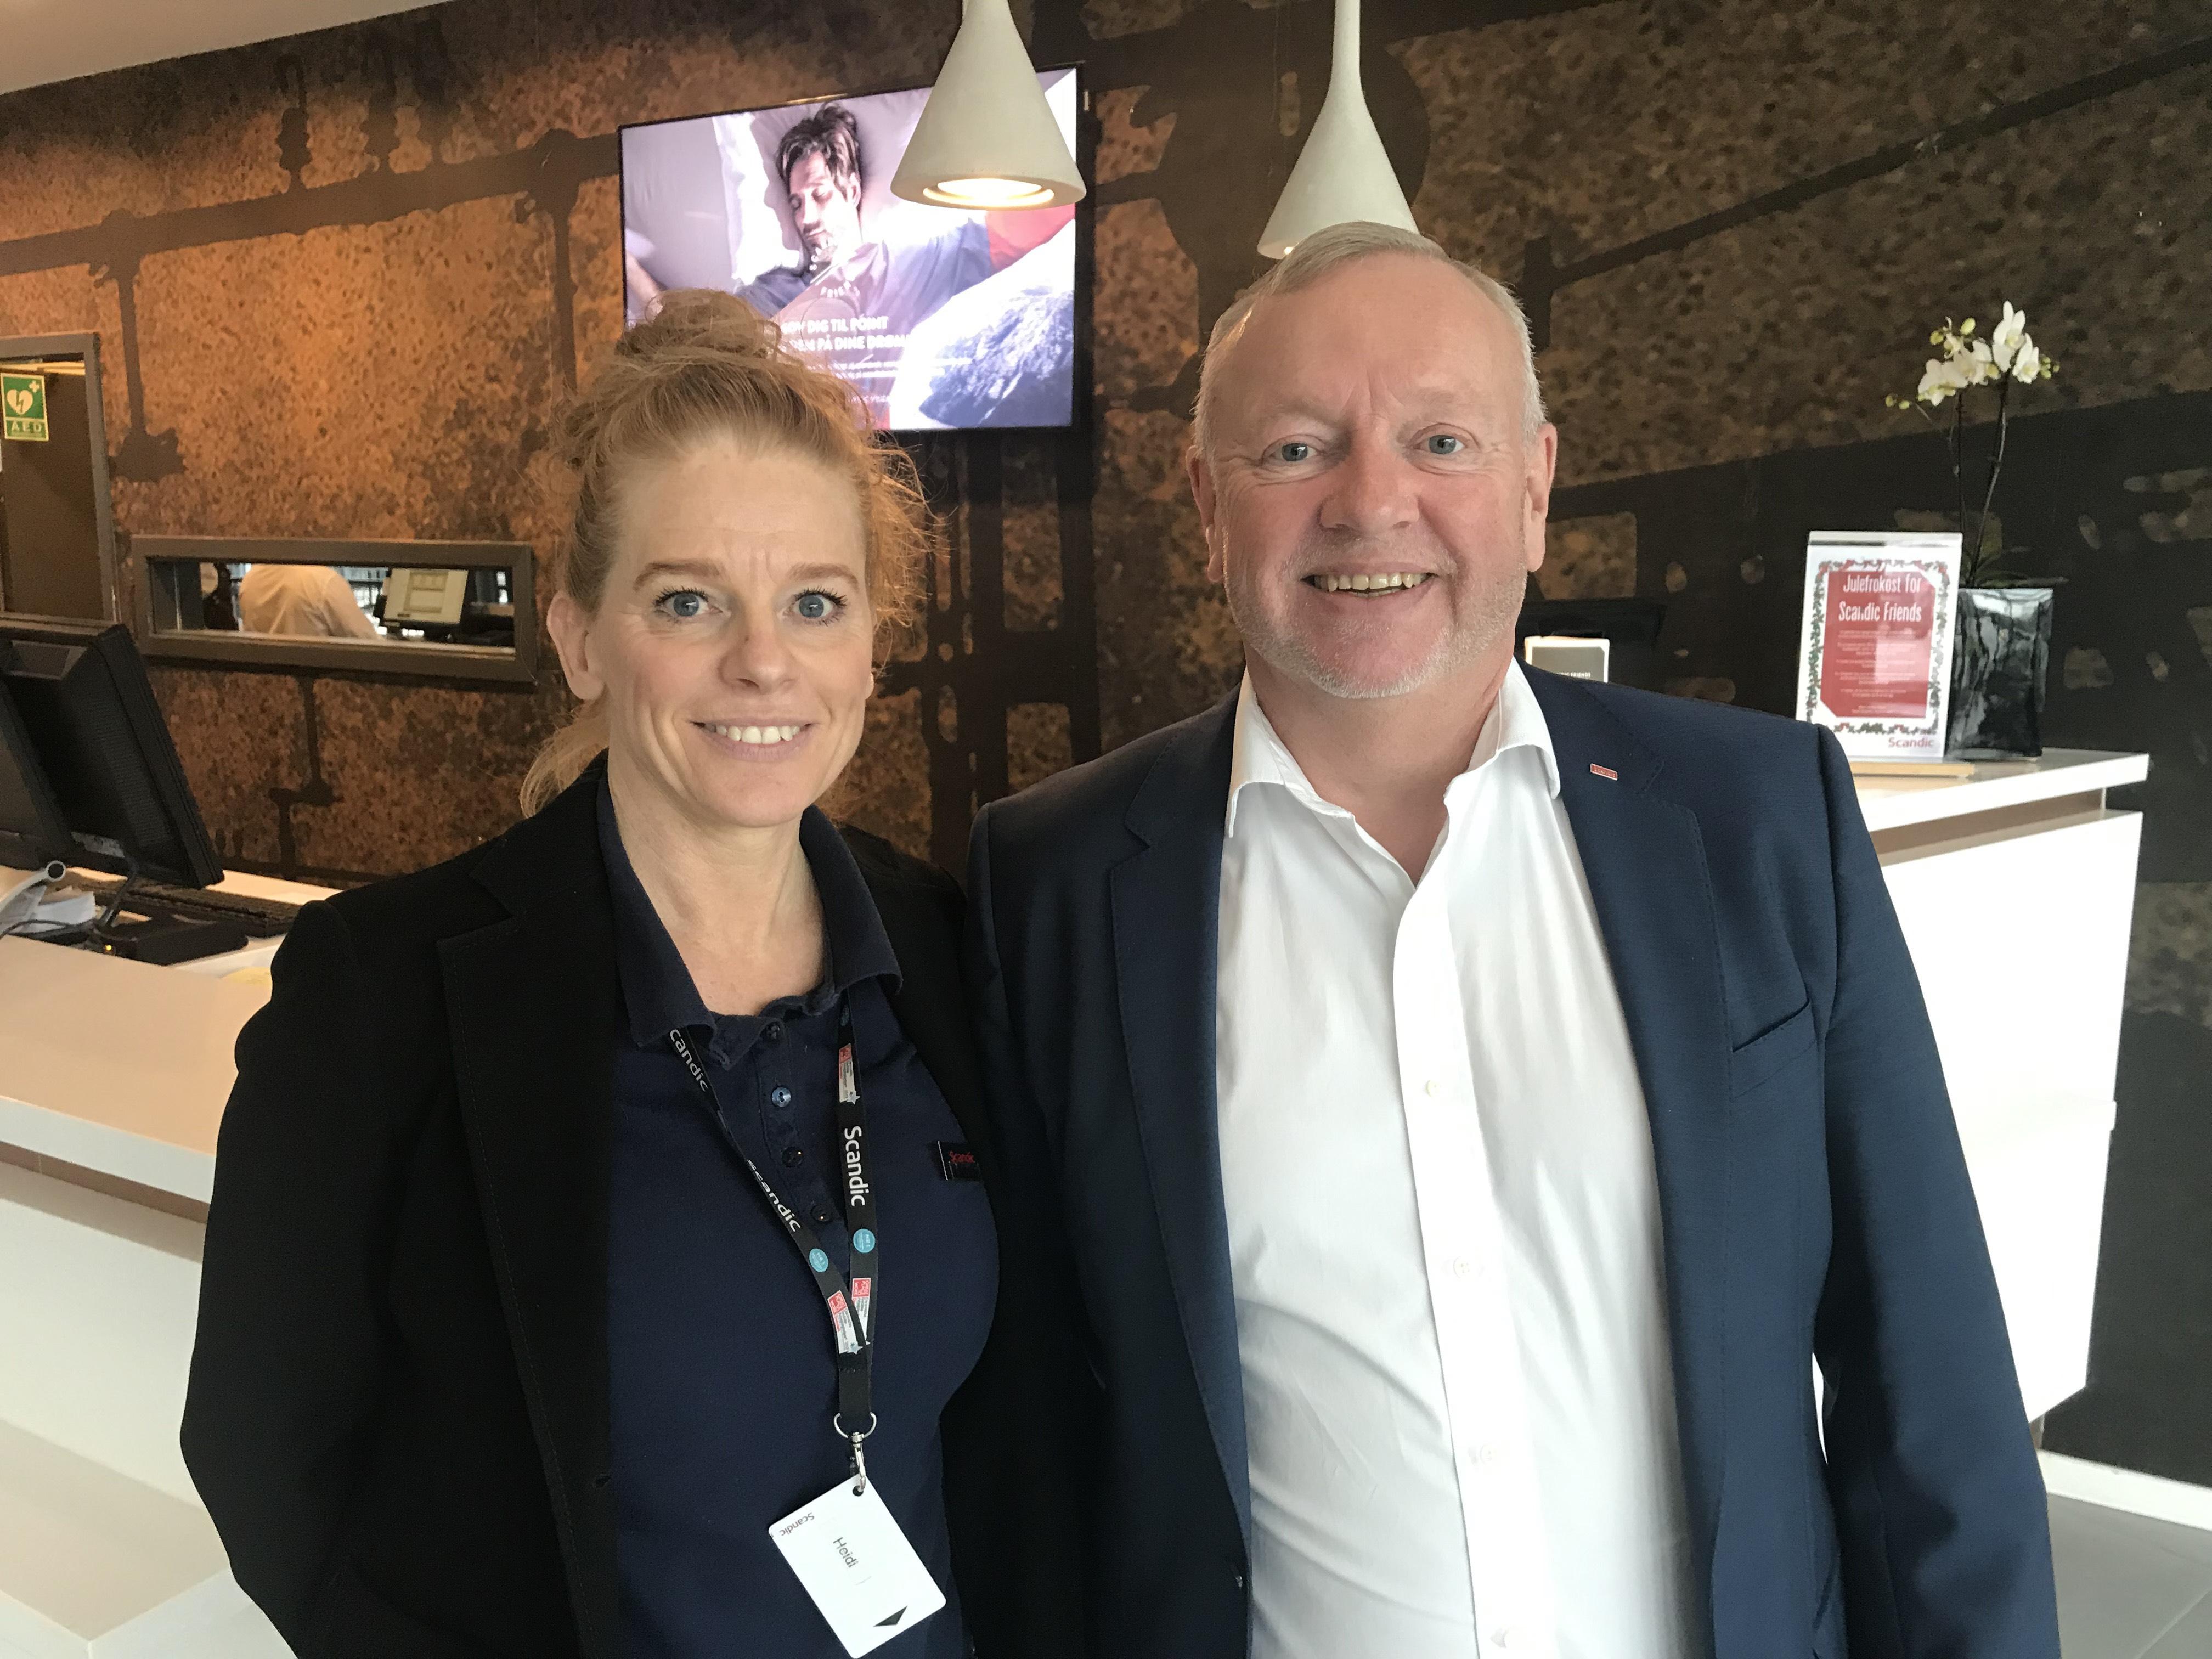 Direktør Mogens Jørgensen blev kontaktet af Castberggård, der arbejder målrettet med at få døve og personer med høretab i arbejde, og efterfølgende kom Heidi Allkja i praktik på Scandic Sydhavnen. Foto: Hotel Scandic Sydhavnen